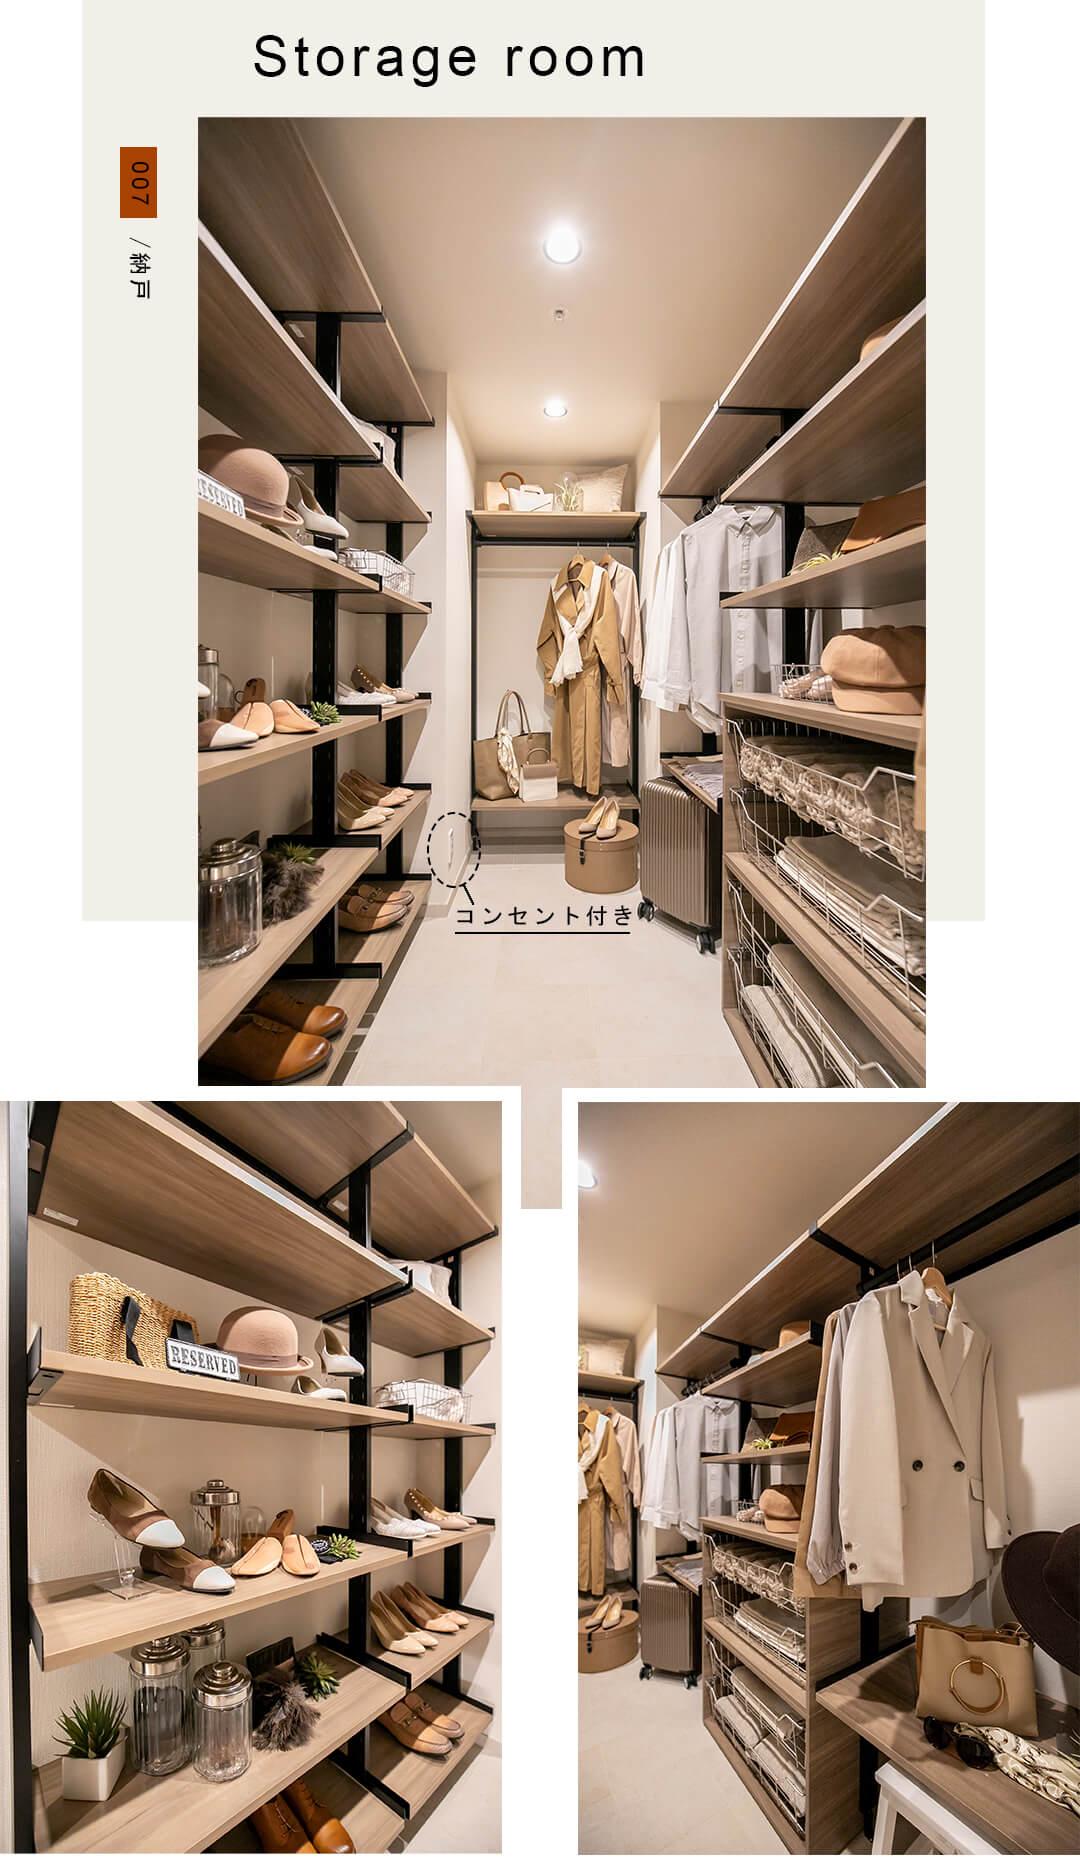 007納戸,storage room